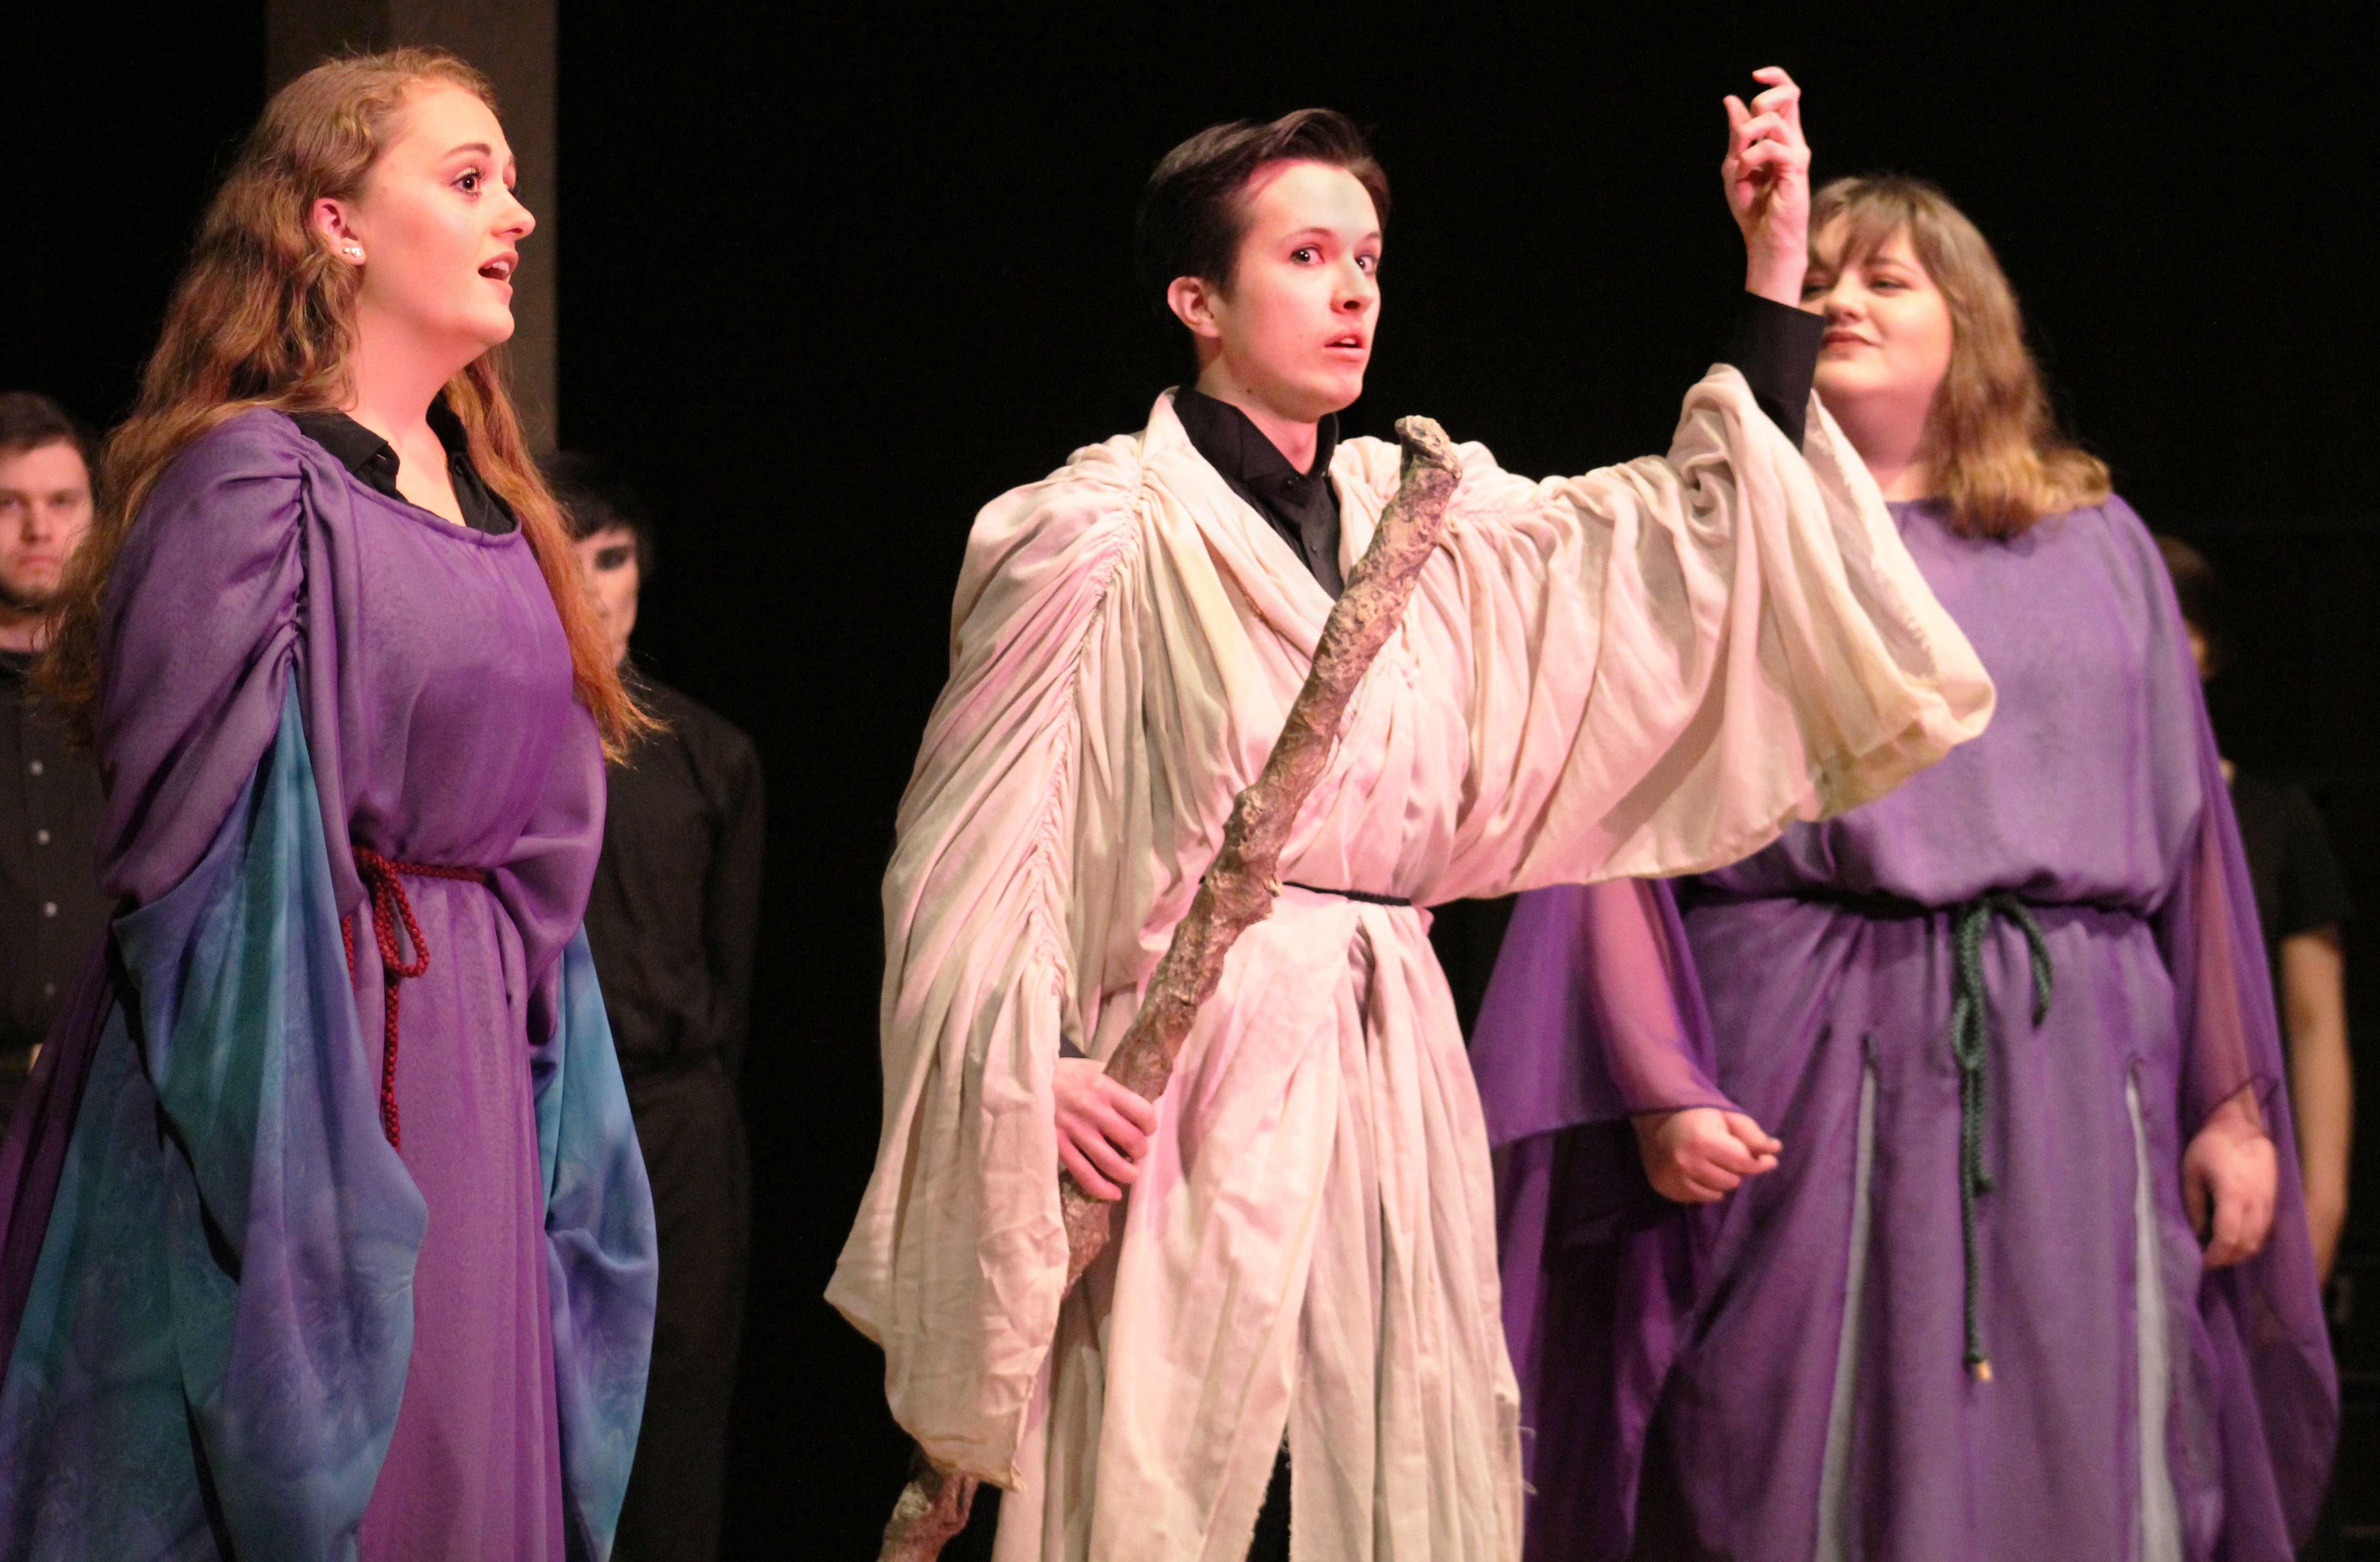 UWO opera puts on a love story